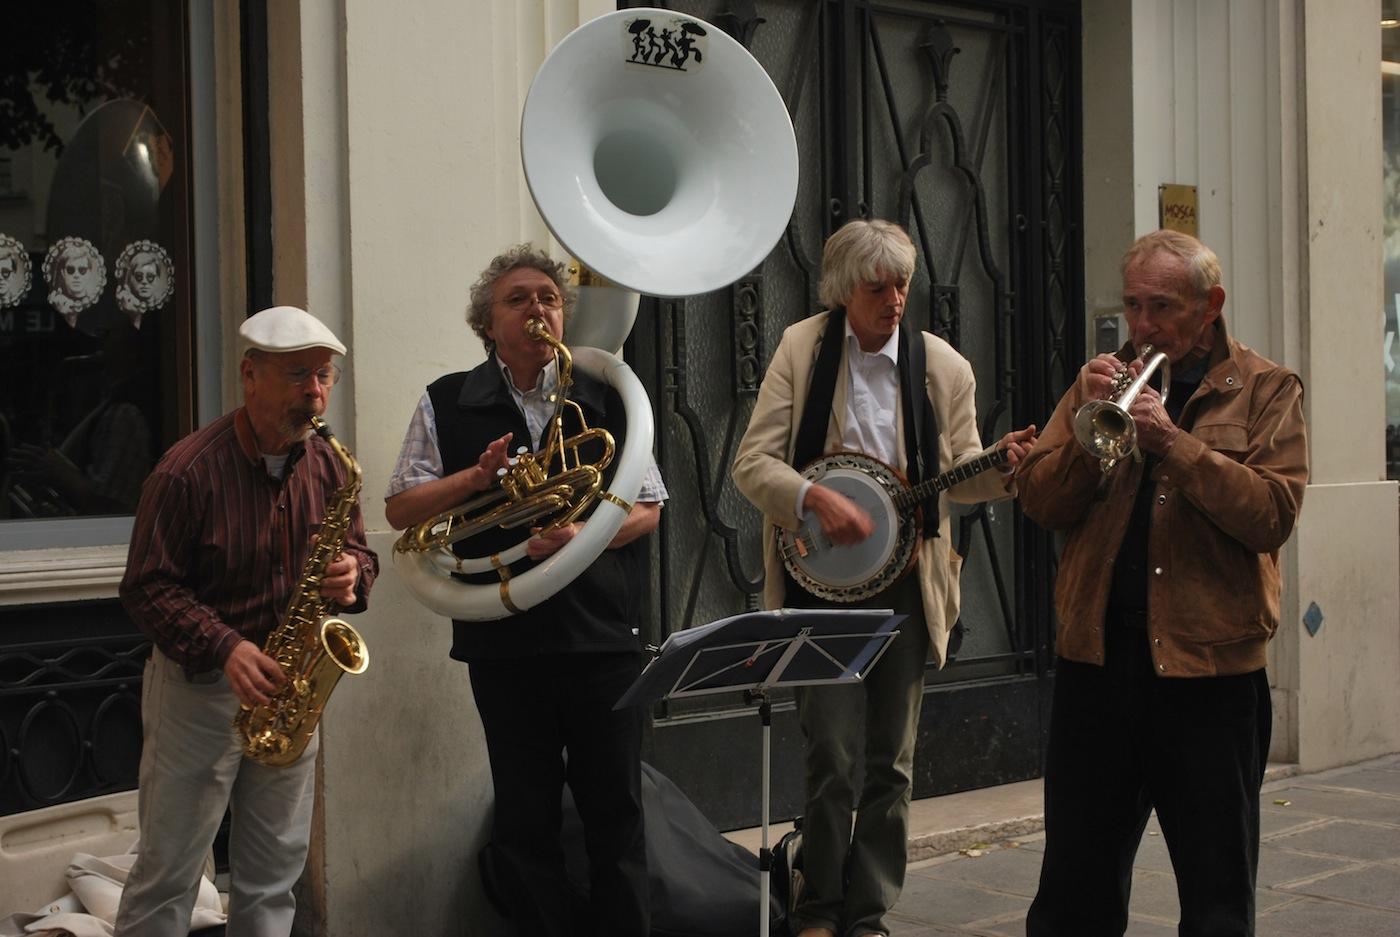 The amazing quartet